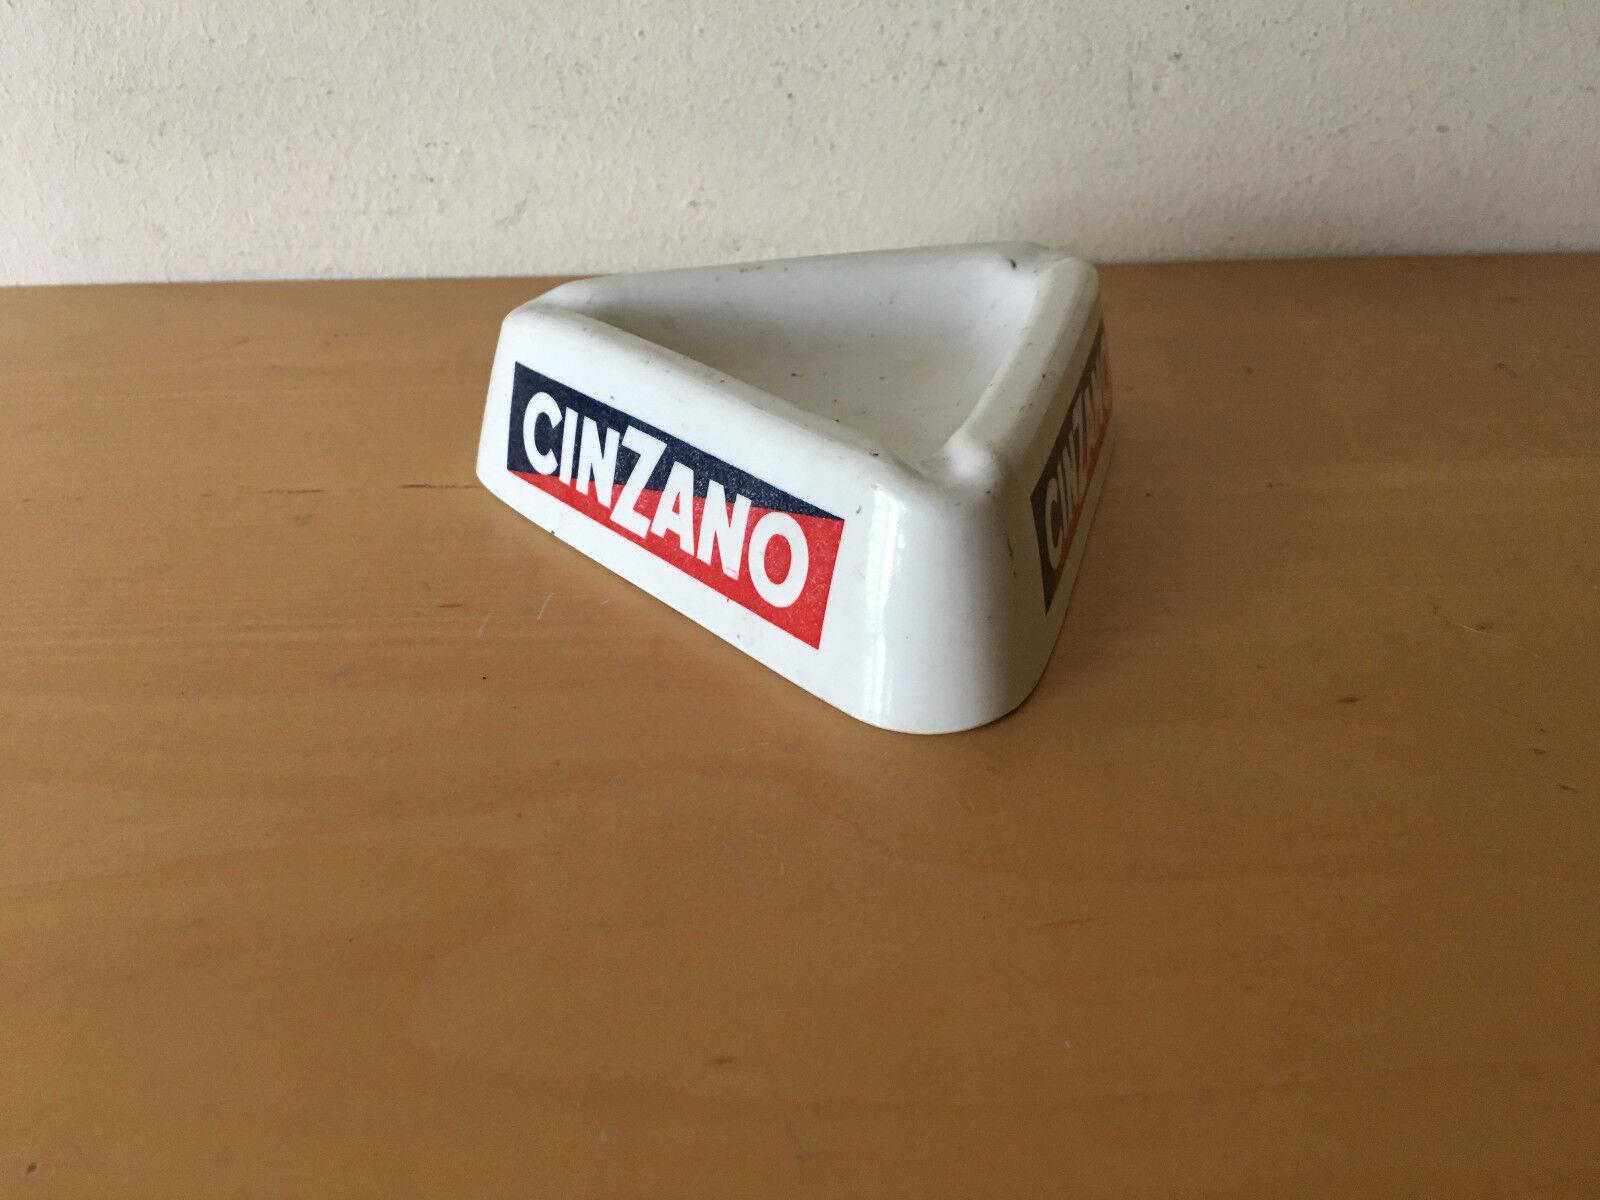 Gebraucht - Vintage Aschenbecher CINZANO - Weiß plastic Weiß -